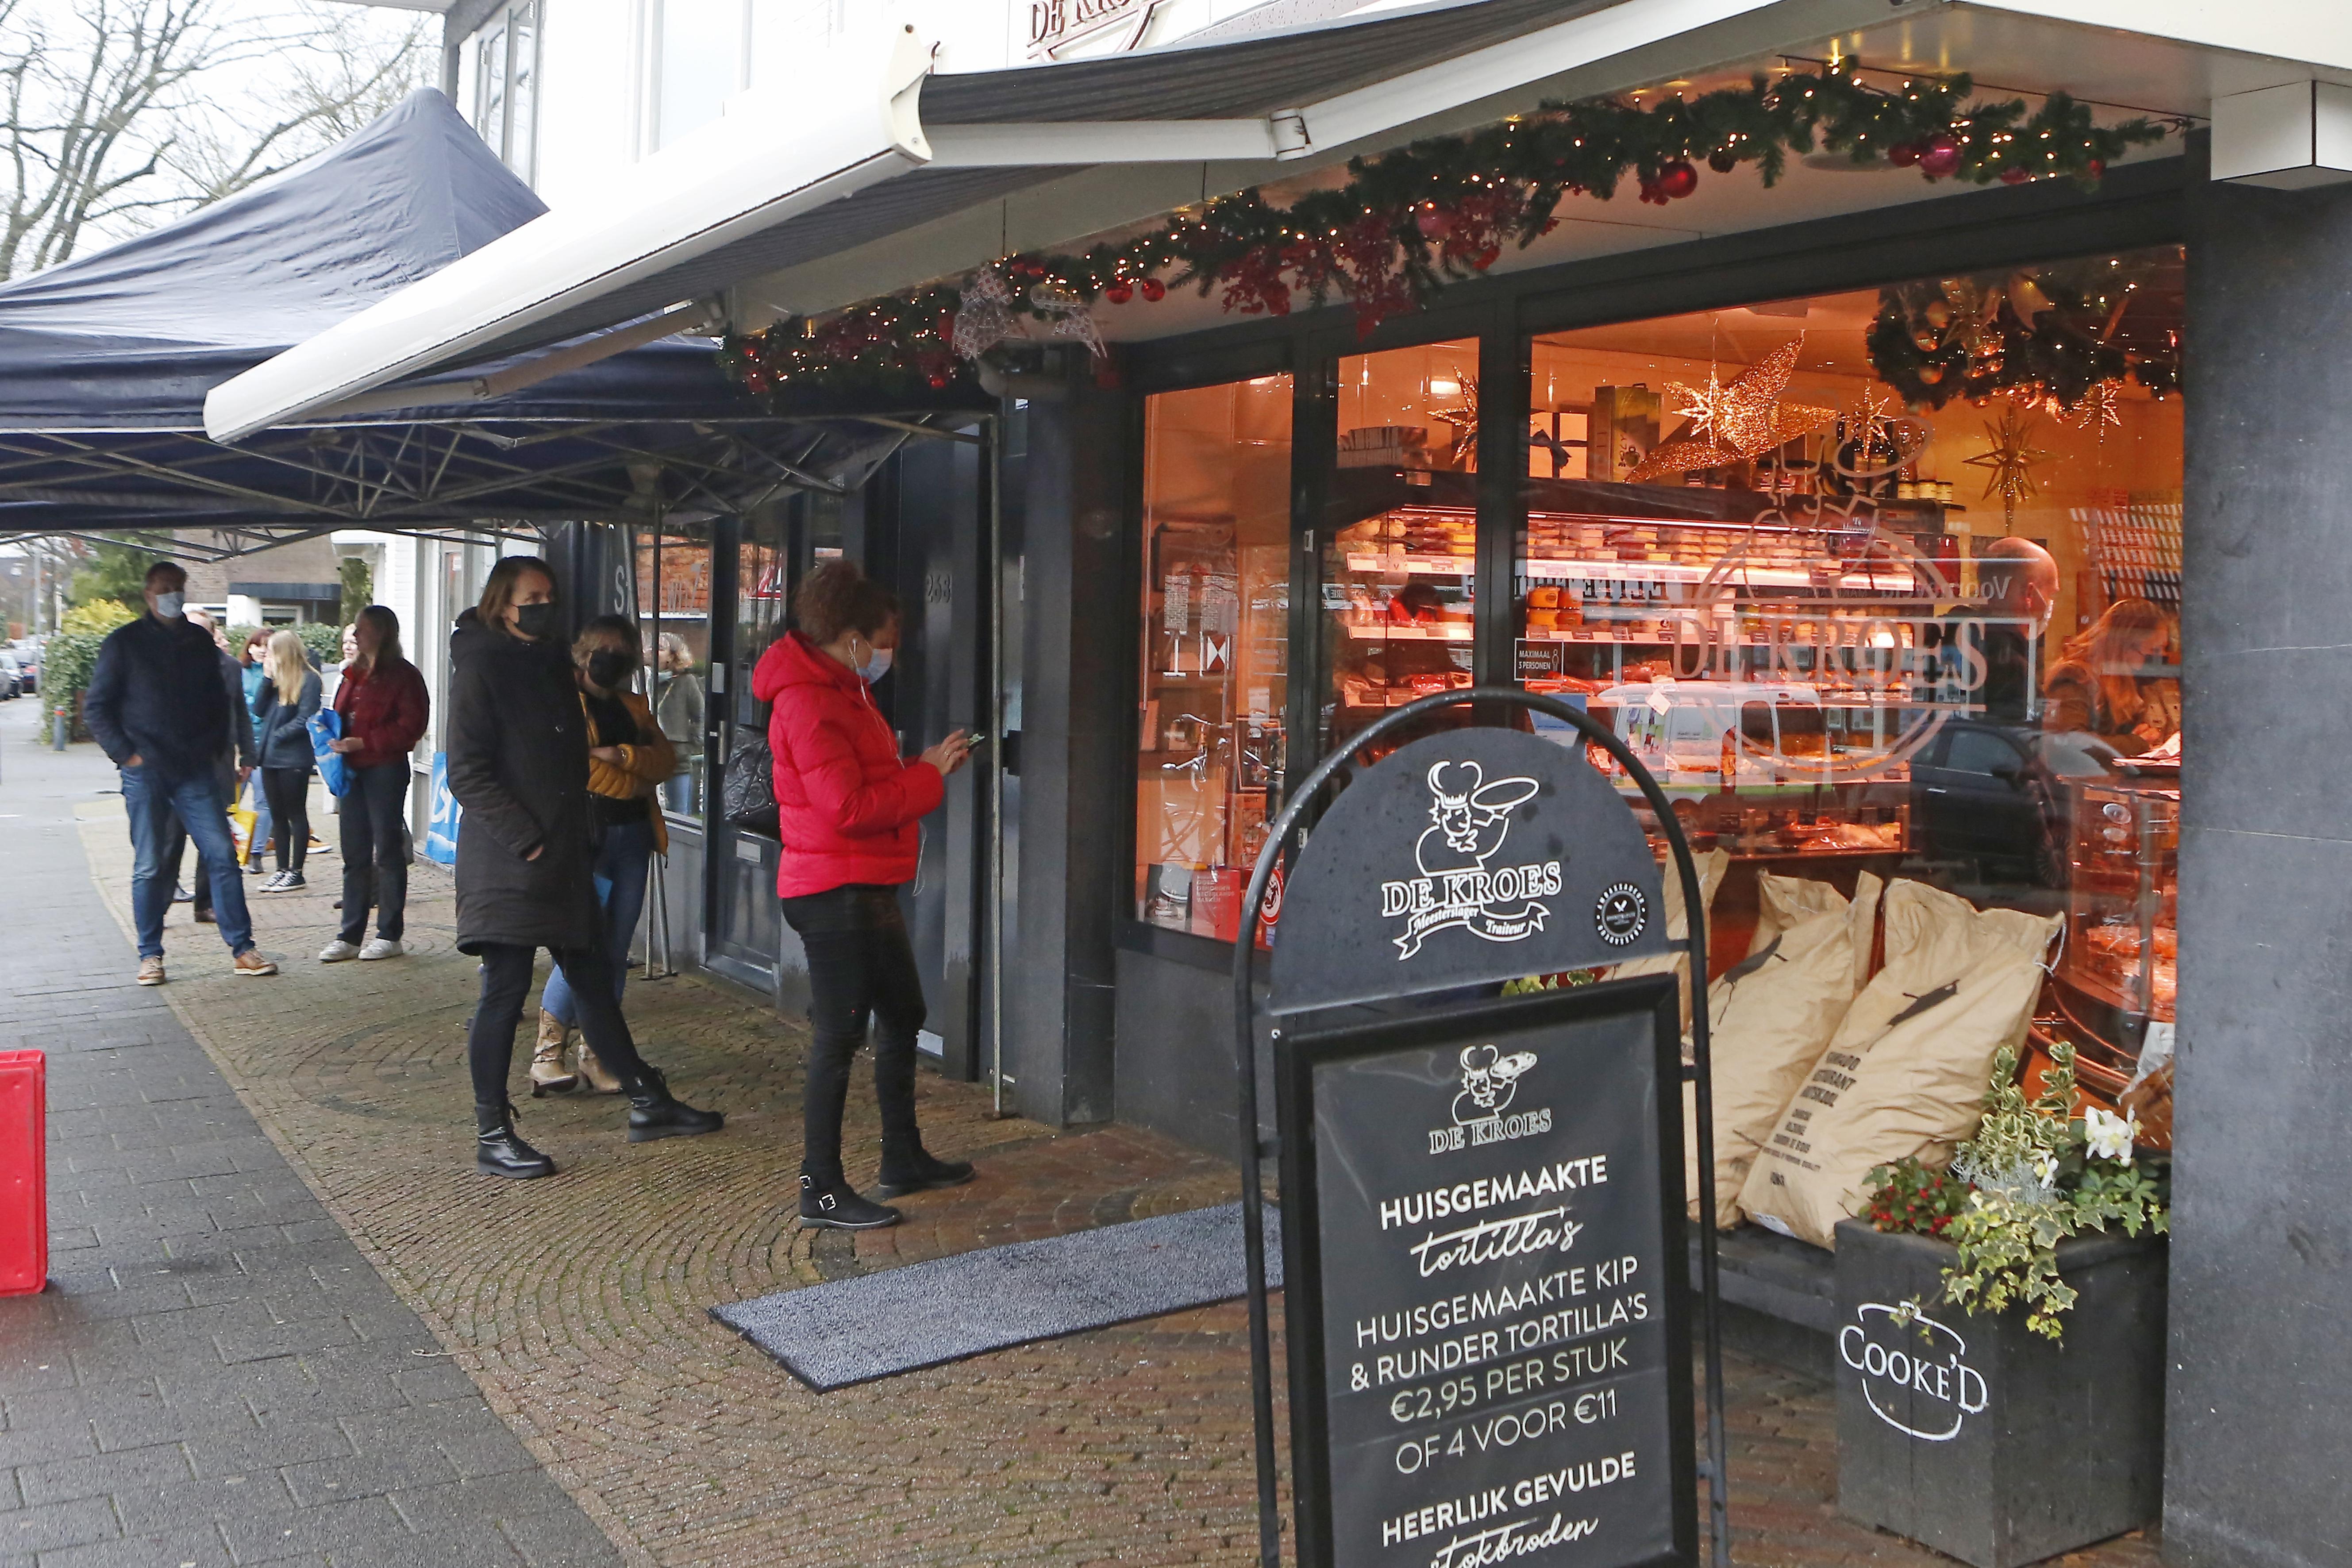 Hilversumse Gijsbrecht van Amstelstraat zelden zo rustig voor kerst. 'Nee, hoor, gaat u maar. U kunt zo naar binnen'. Voor drukte moet je bij de Sligro zijn